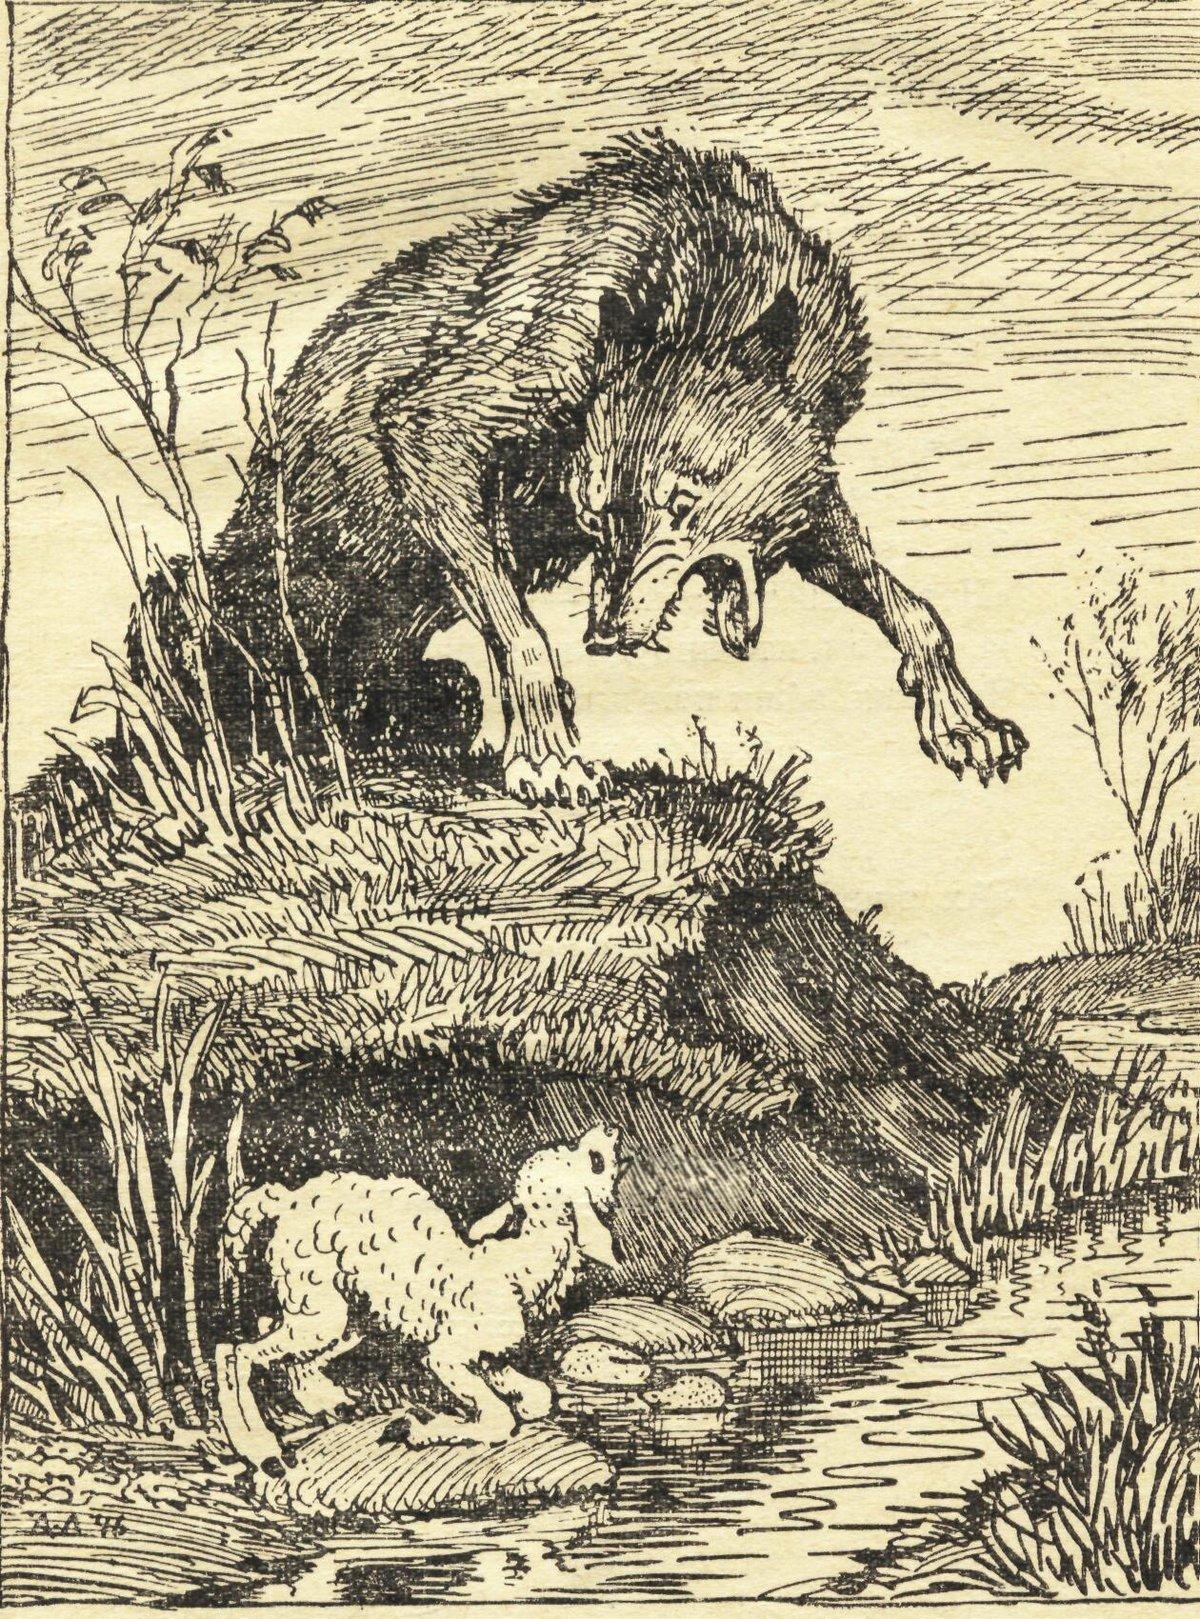 Картинки басни крылова волк и ягненок, поляна картинках